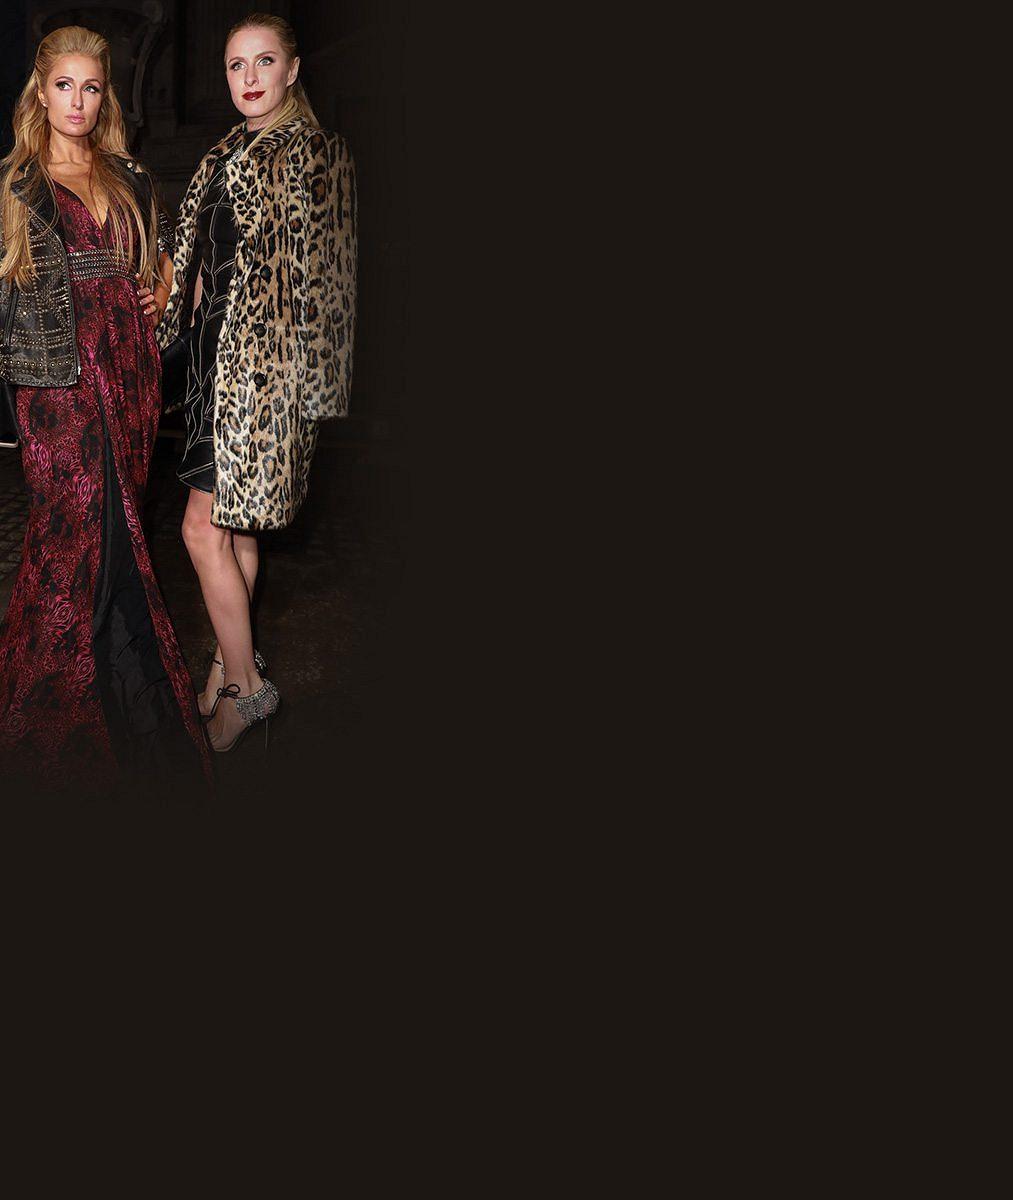 Paris a Nicky Hilton po delší době spolu: Vyhlížejí nové svršky na týdnu módy v New Yorku